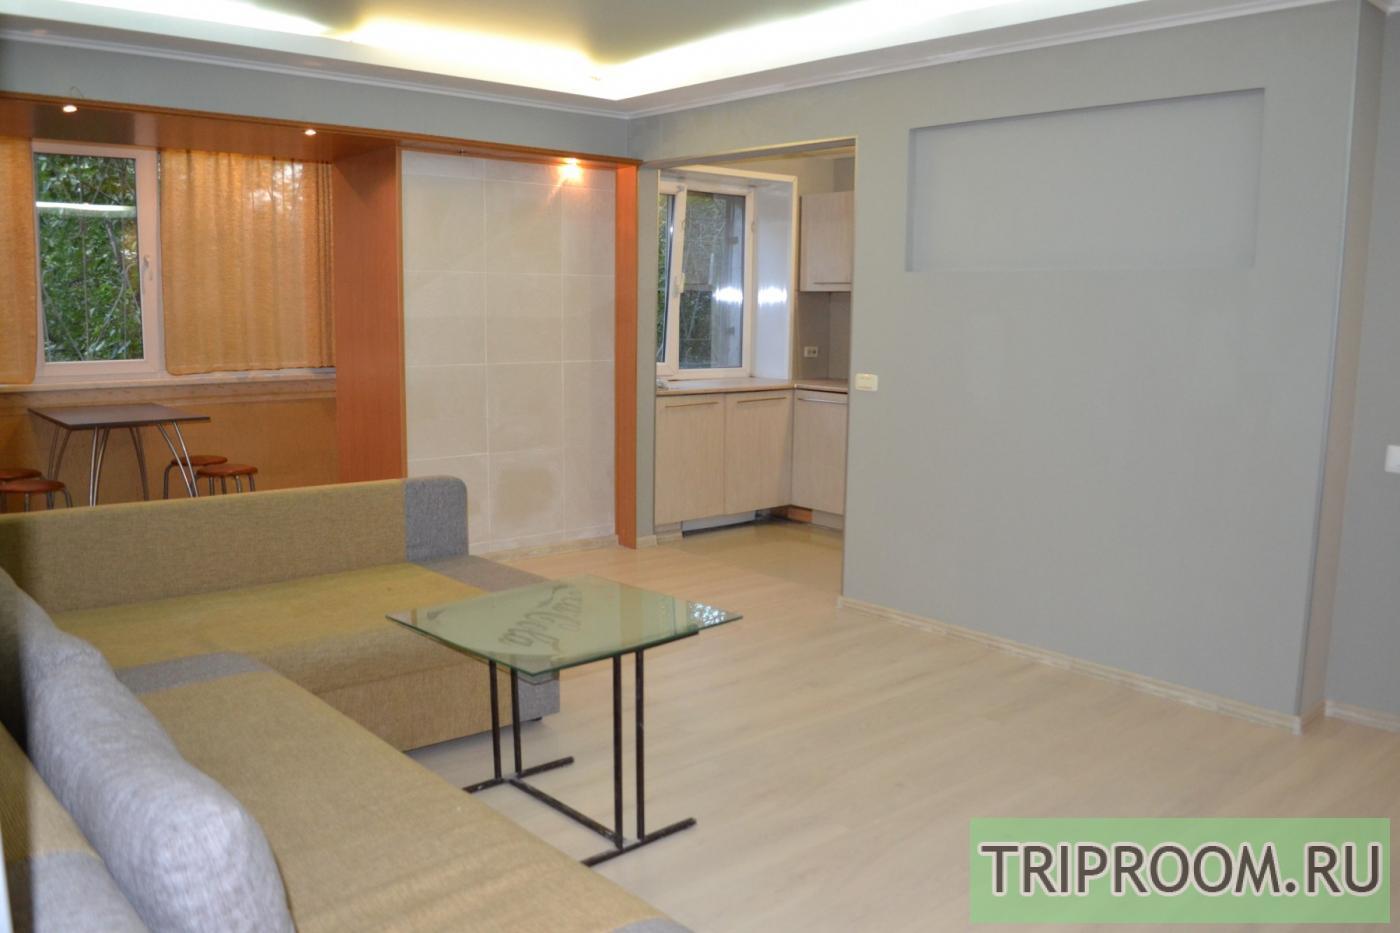 3-комнатная квартира посуточно (вариант № 5725), ул. Тимирязева улица, фото № 3